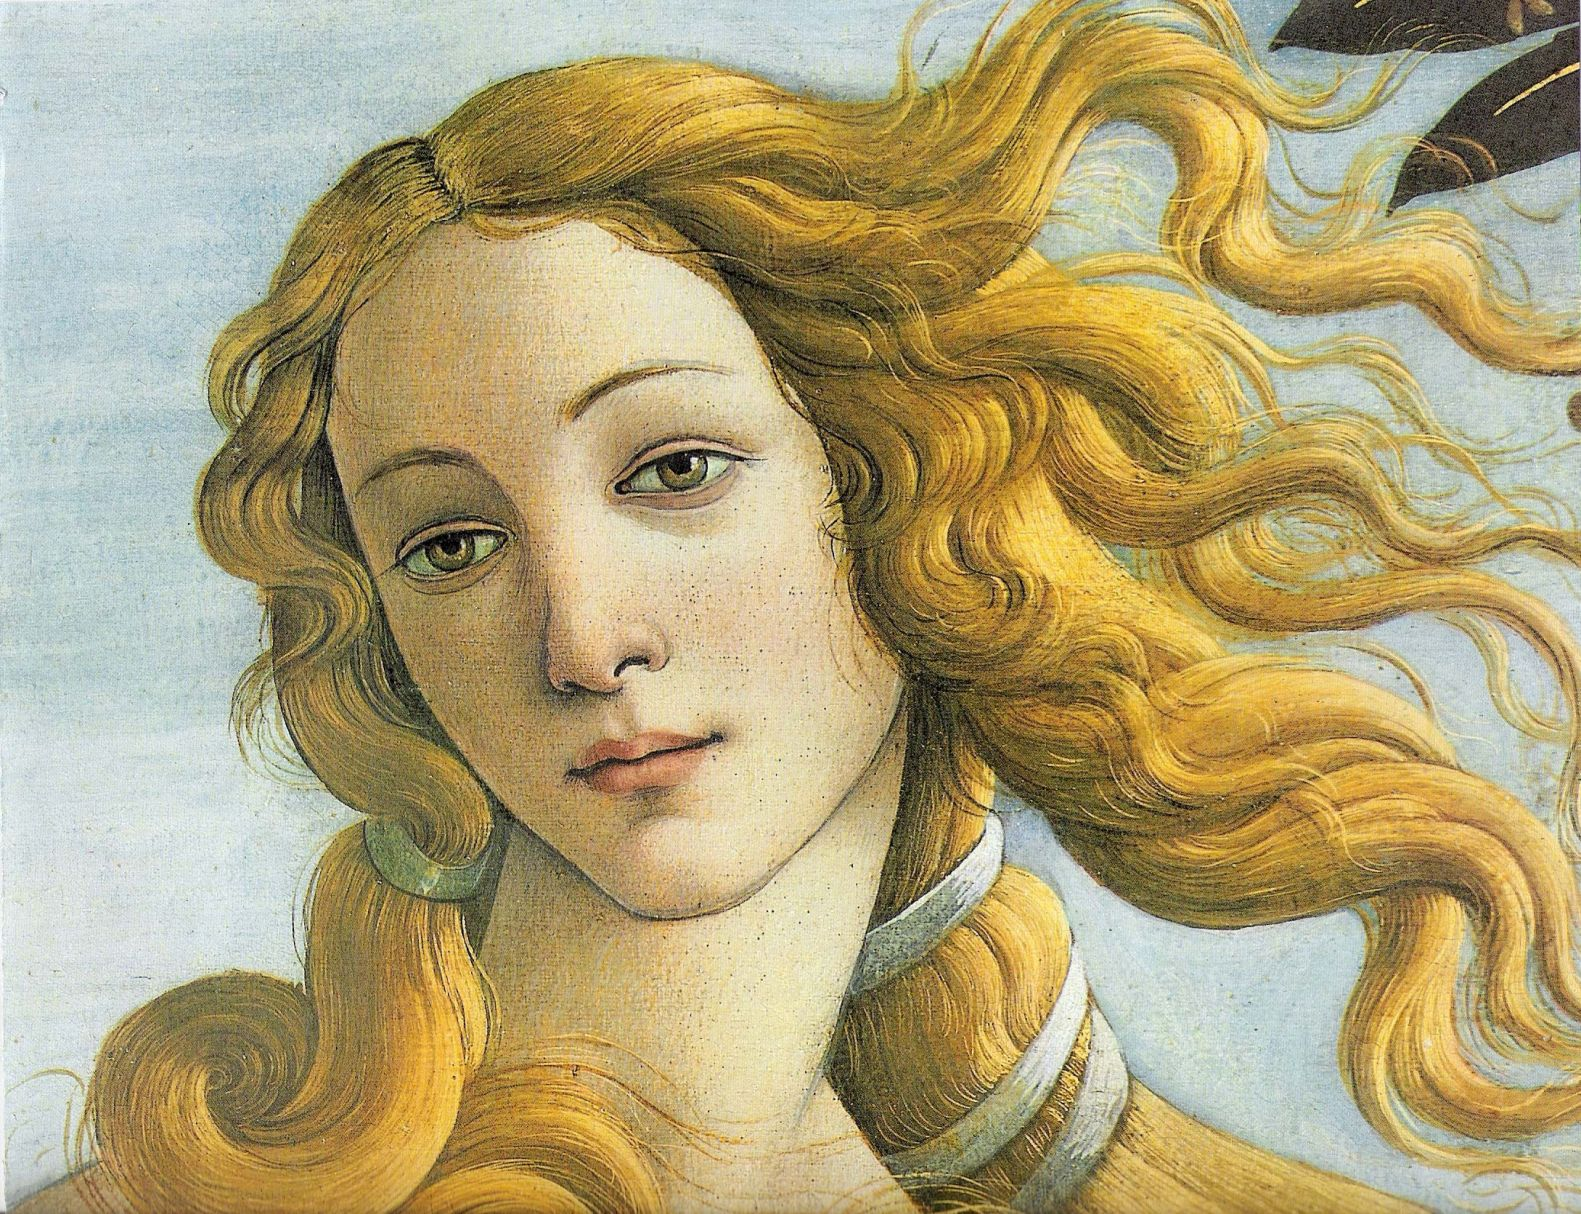 Detalhe do rosto de Vênus, cujos traços, segundo os estudiosos, também foi inspirado na mais bela donzela florentina, Simonetta Vespucci.